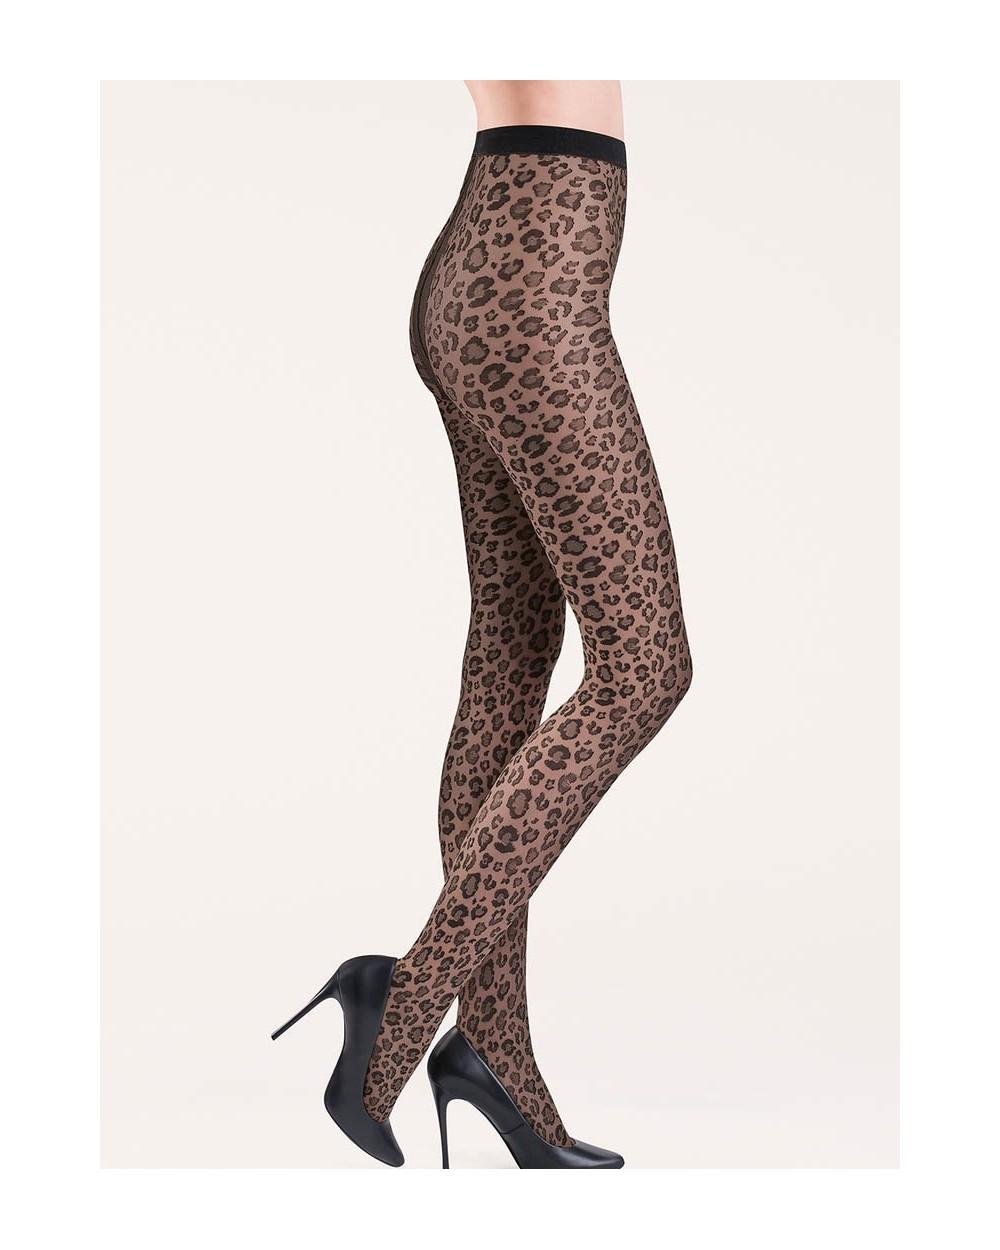 Collant fantaisie léopard noir ou beige Caty